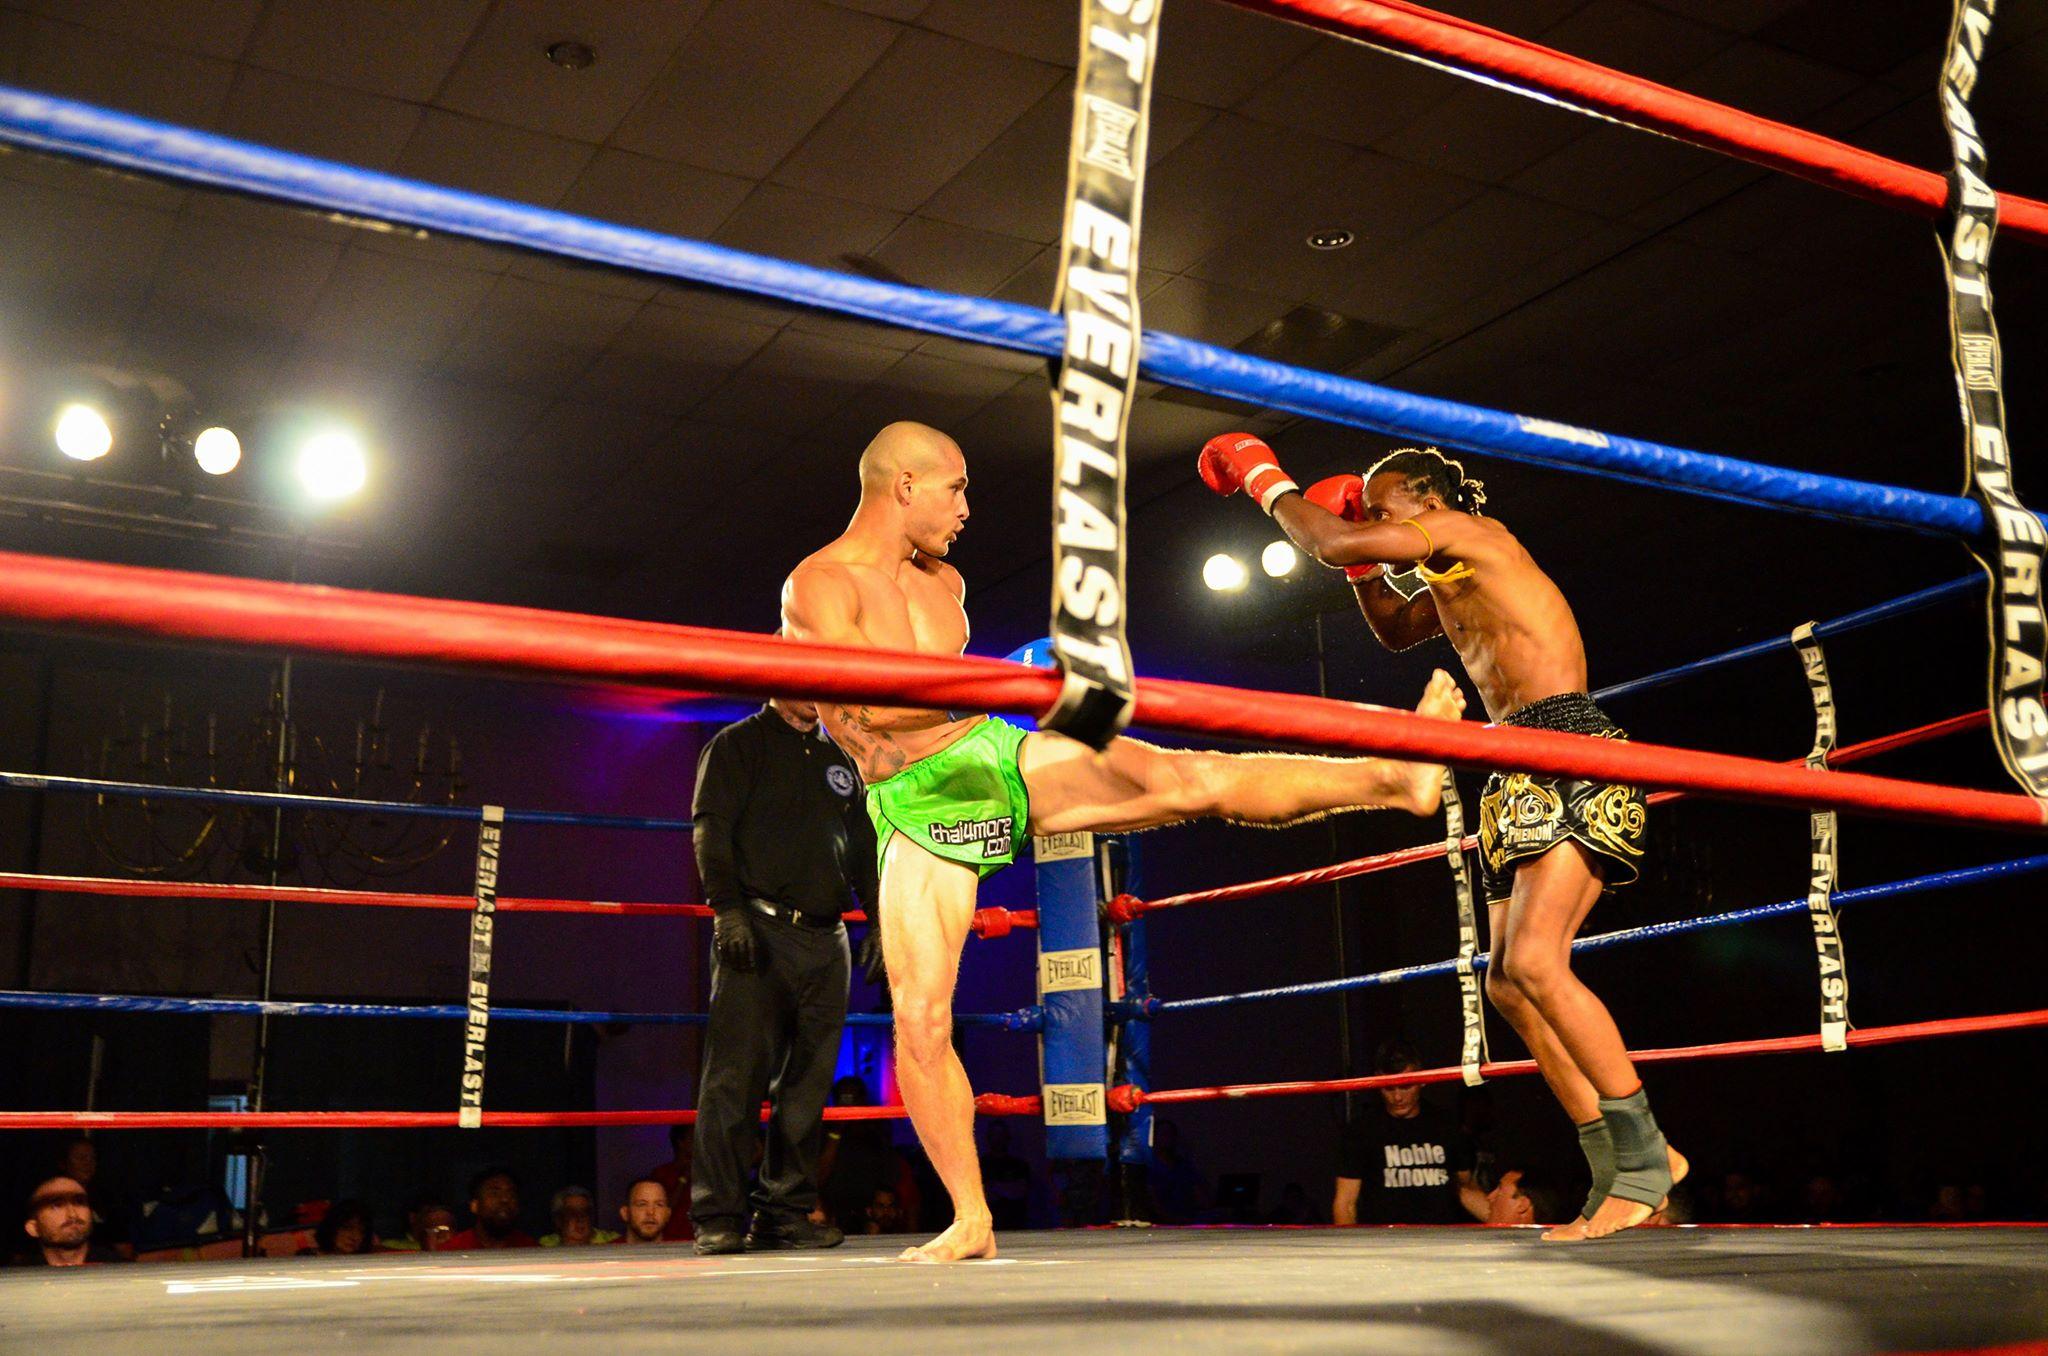 Jay Haas, USKA Fights